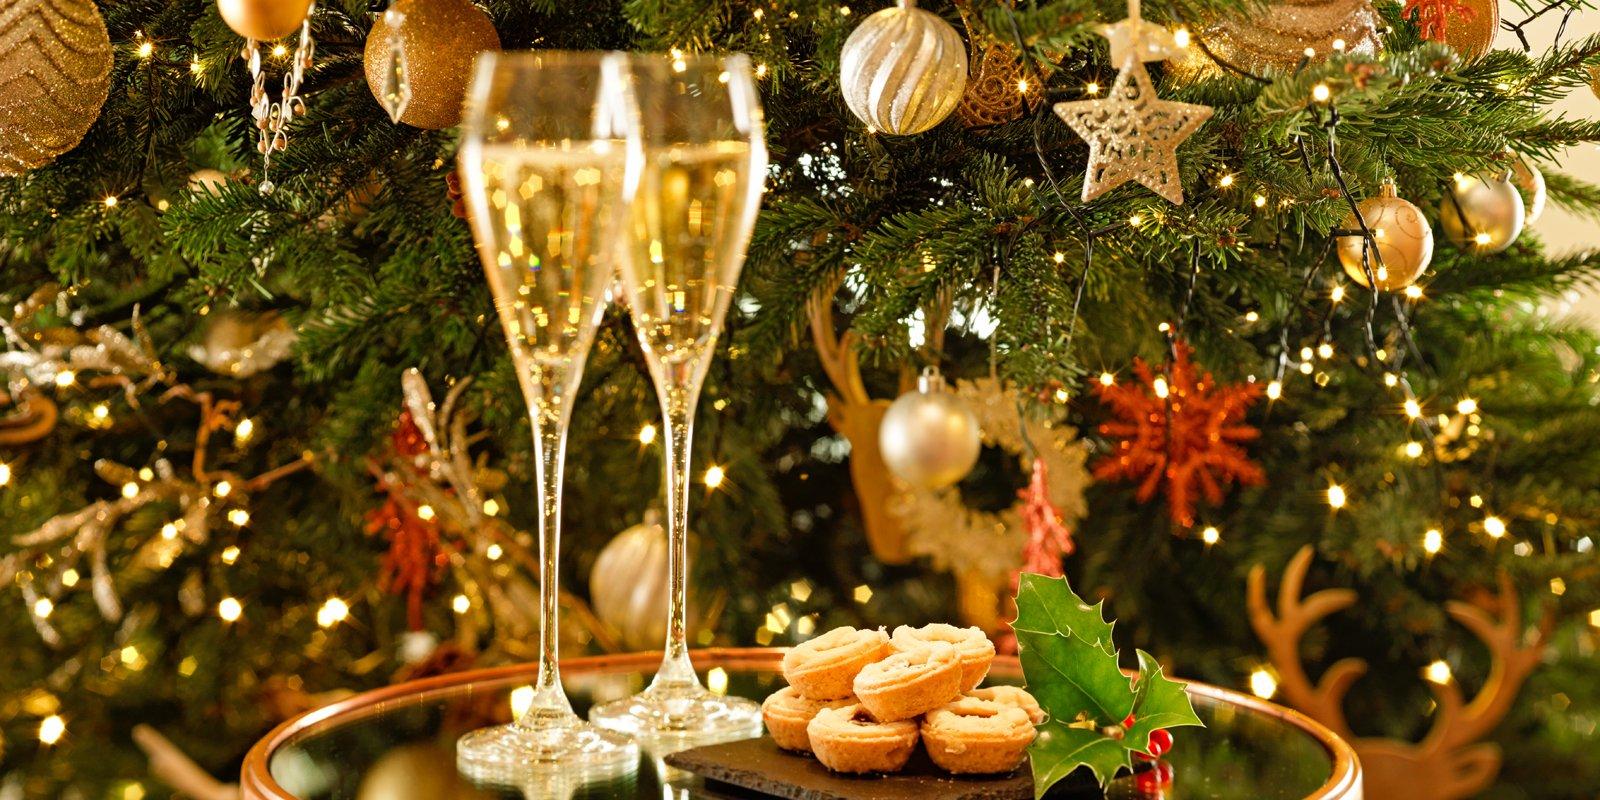 Ascot Park Hotel Christmas Dinner